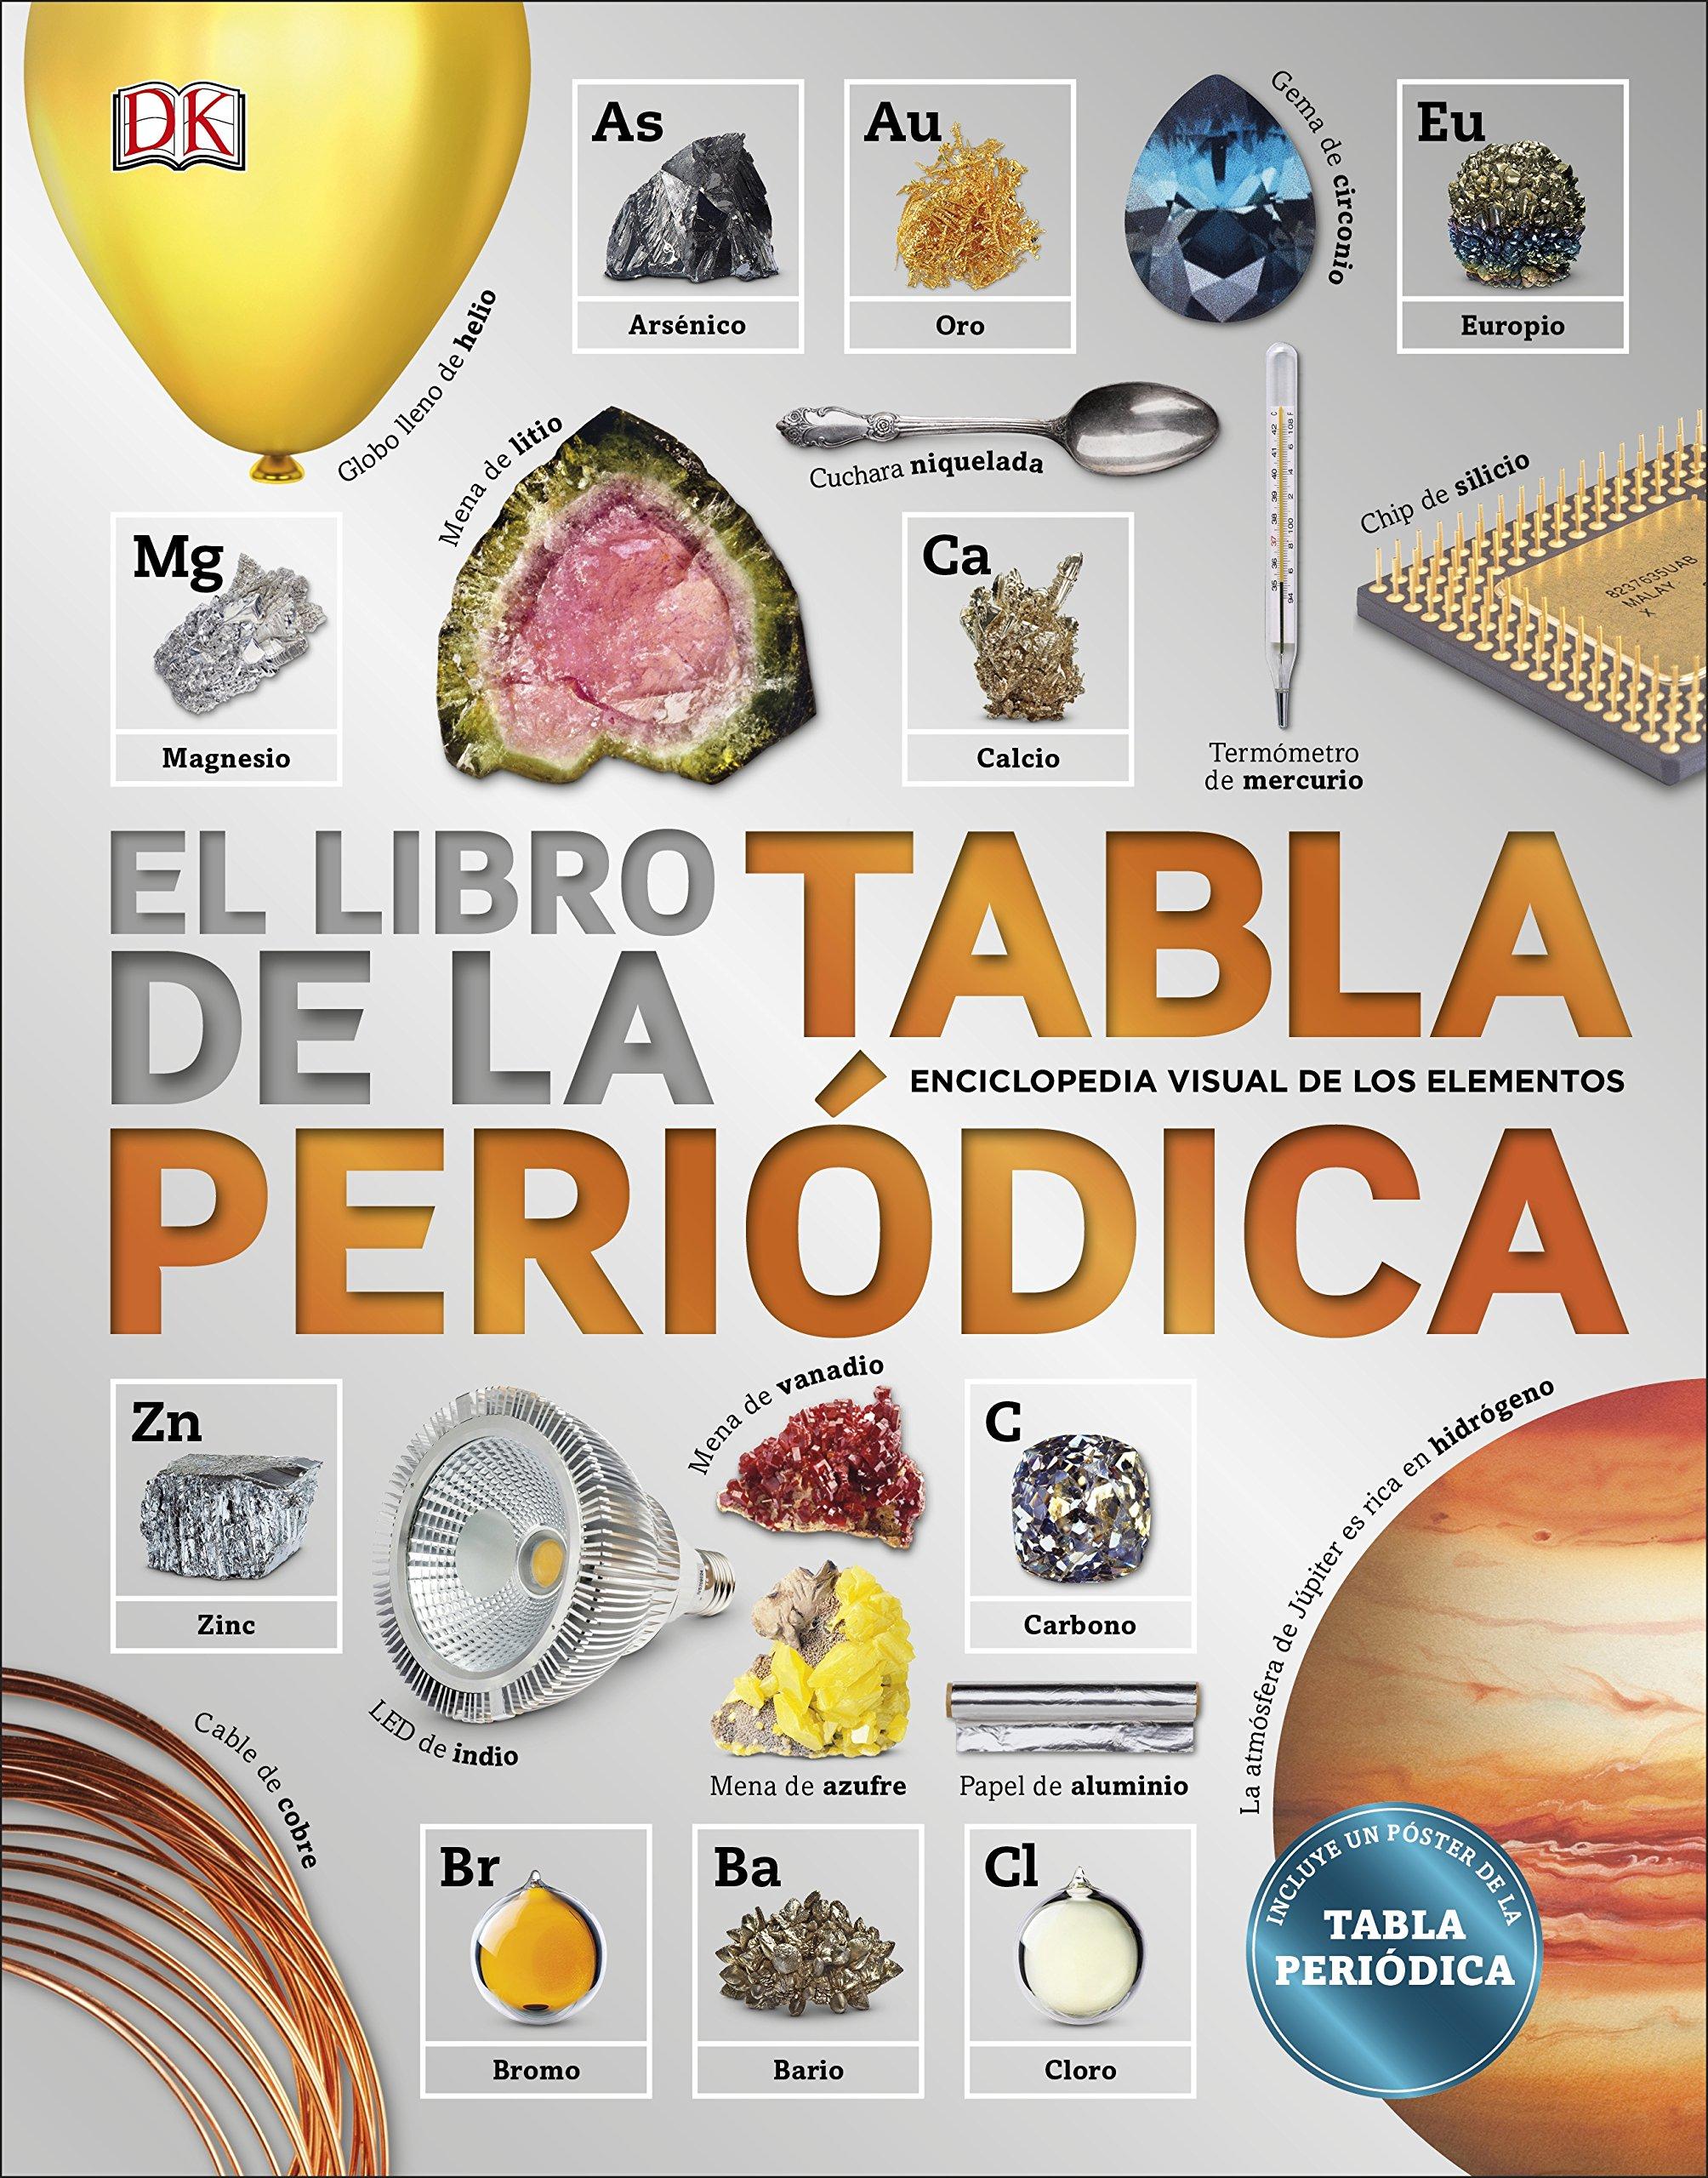 El libro de la tabla peridica 9780241312414 books amazon urtaz Image collections